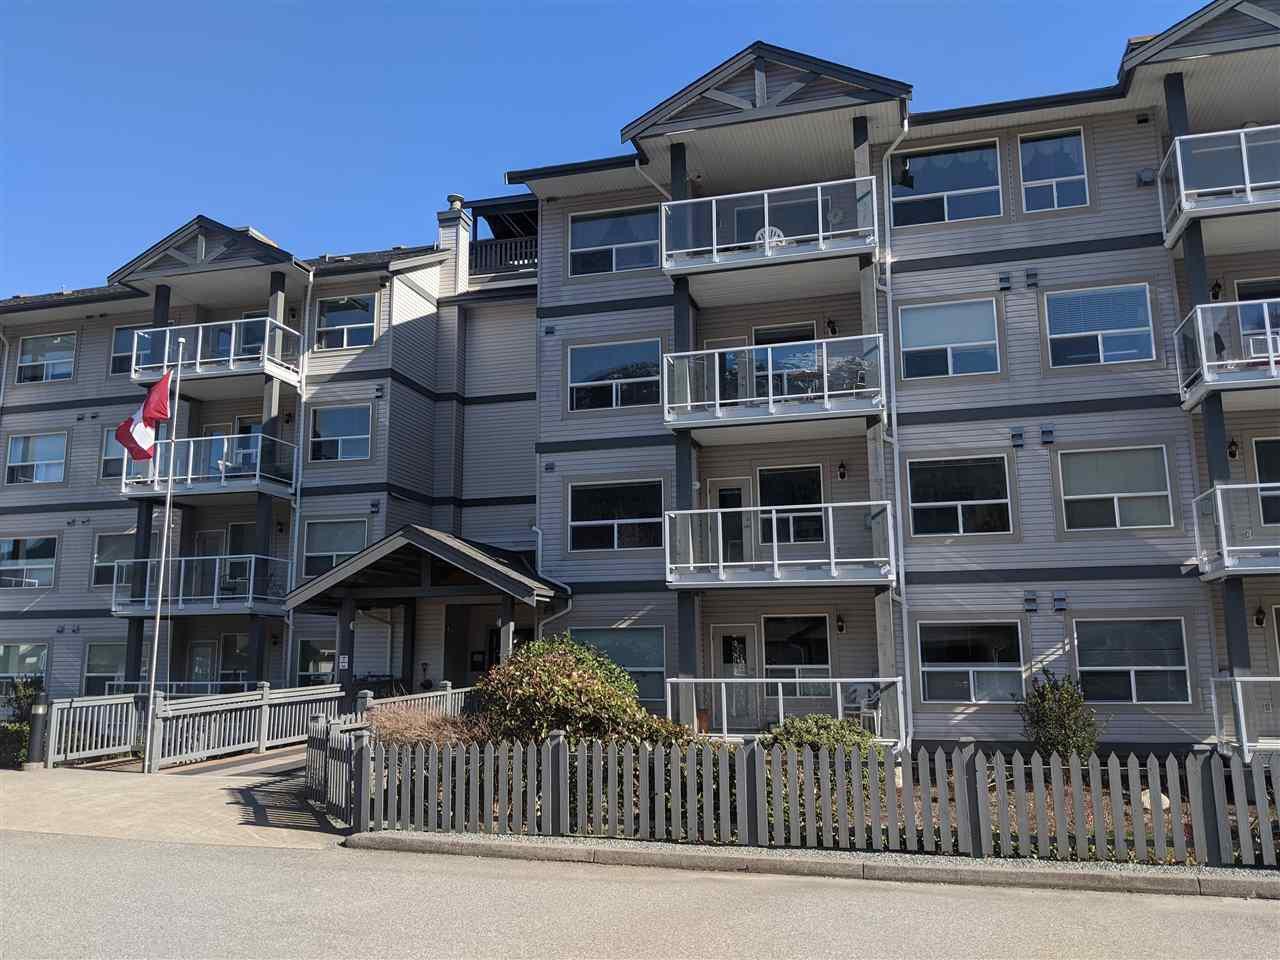 """Main Photo: 207 1203 PEMBERTON Avenue in Squamish: Downtown SQ Condo for sale in """"Eagle Grove 55+"""" : MLS®# R2518421"""